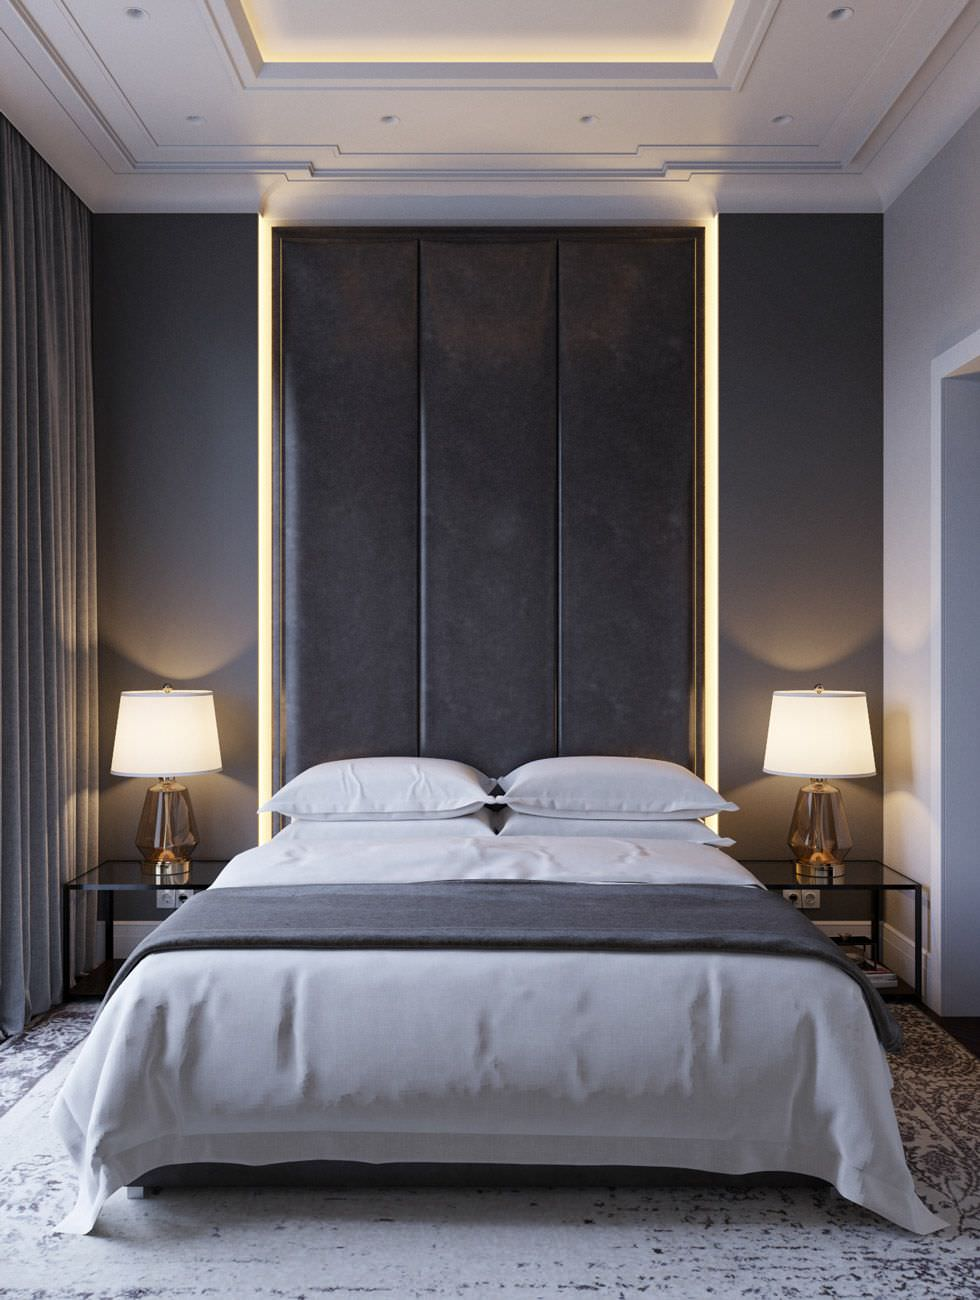 Camera Da Letto Grigia 100 idee camere da letto moderne • colori, illuminazione